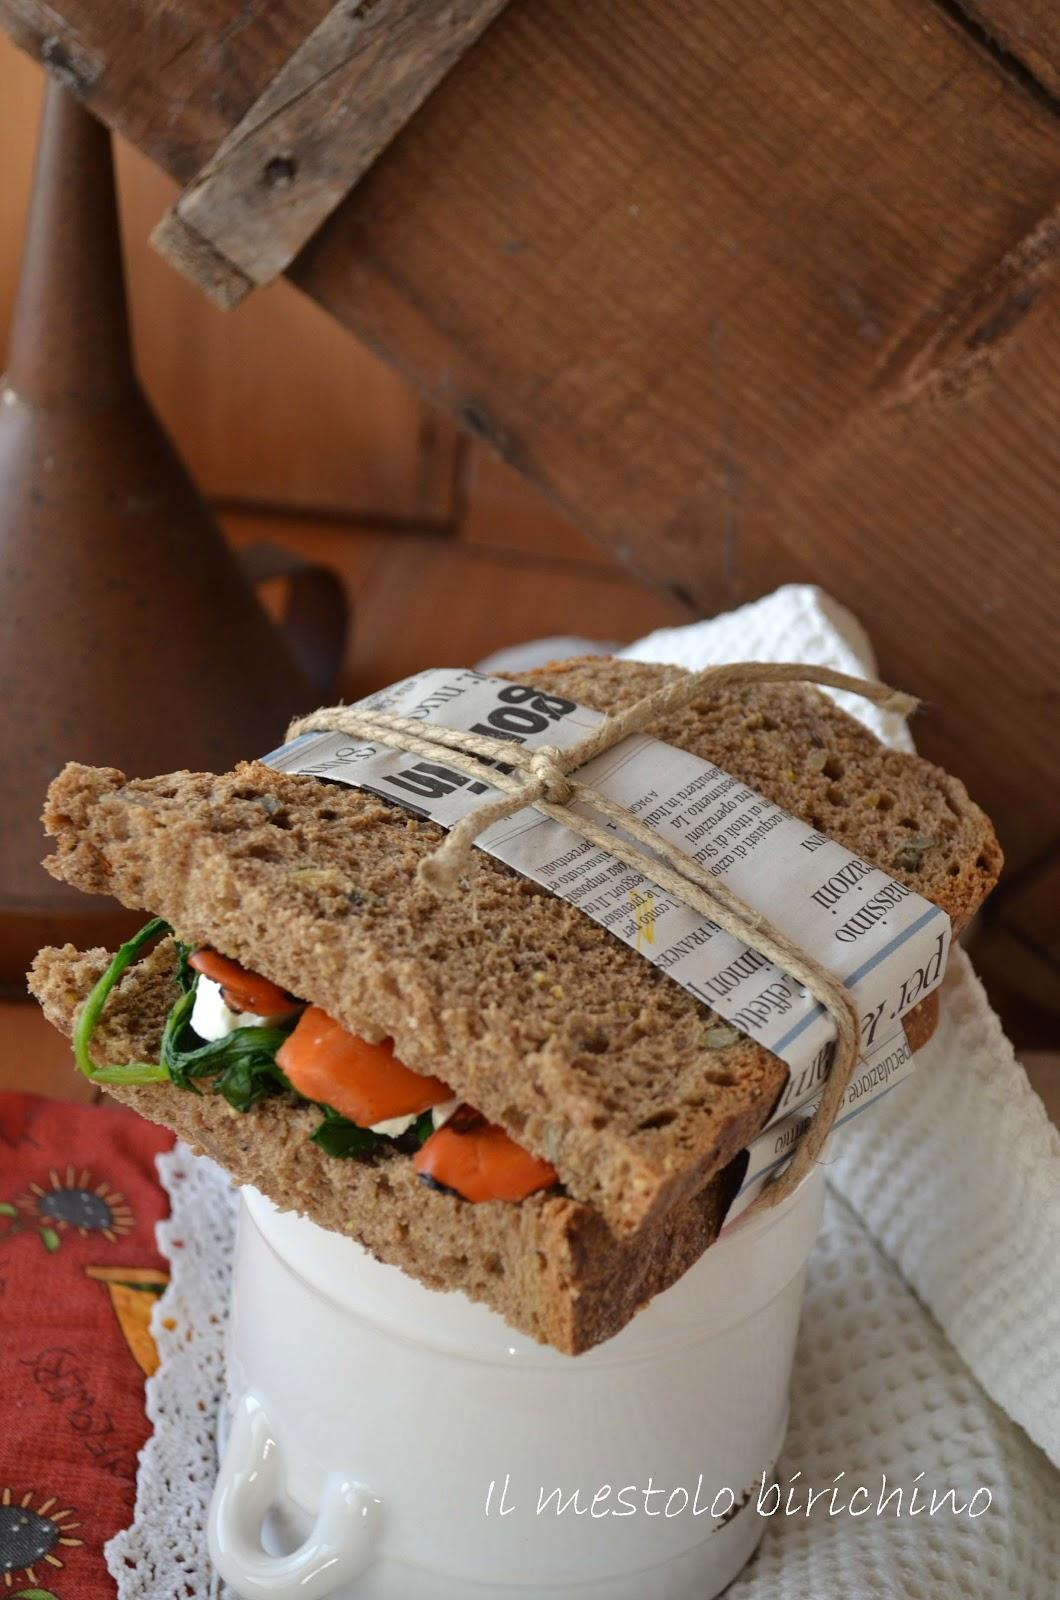 il mestolo birichino: panino multicerali per un pranzo sano ... - Pranzi Sani E Leggeri